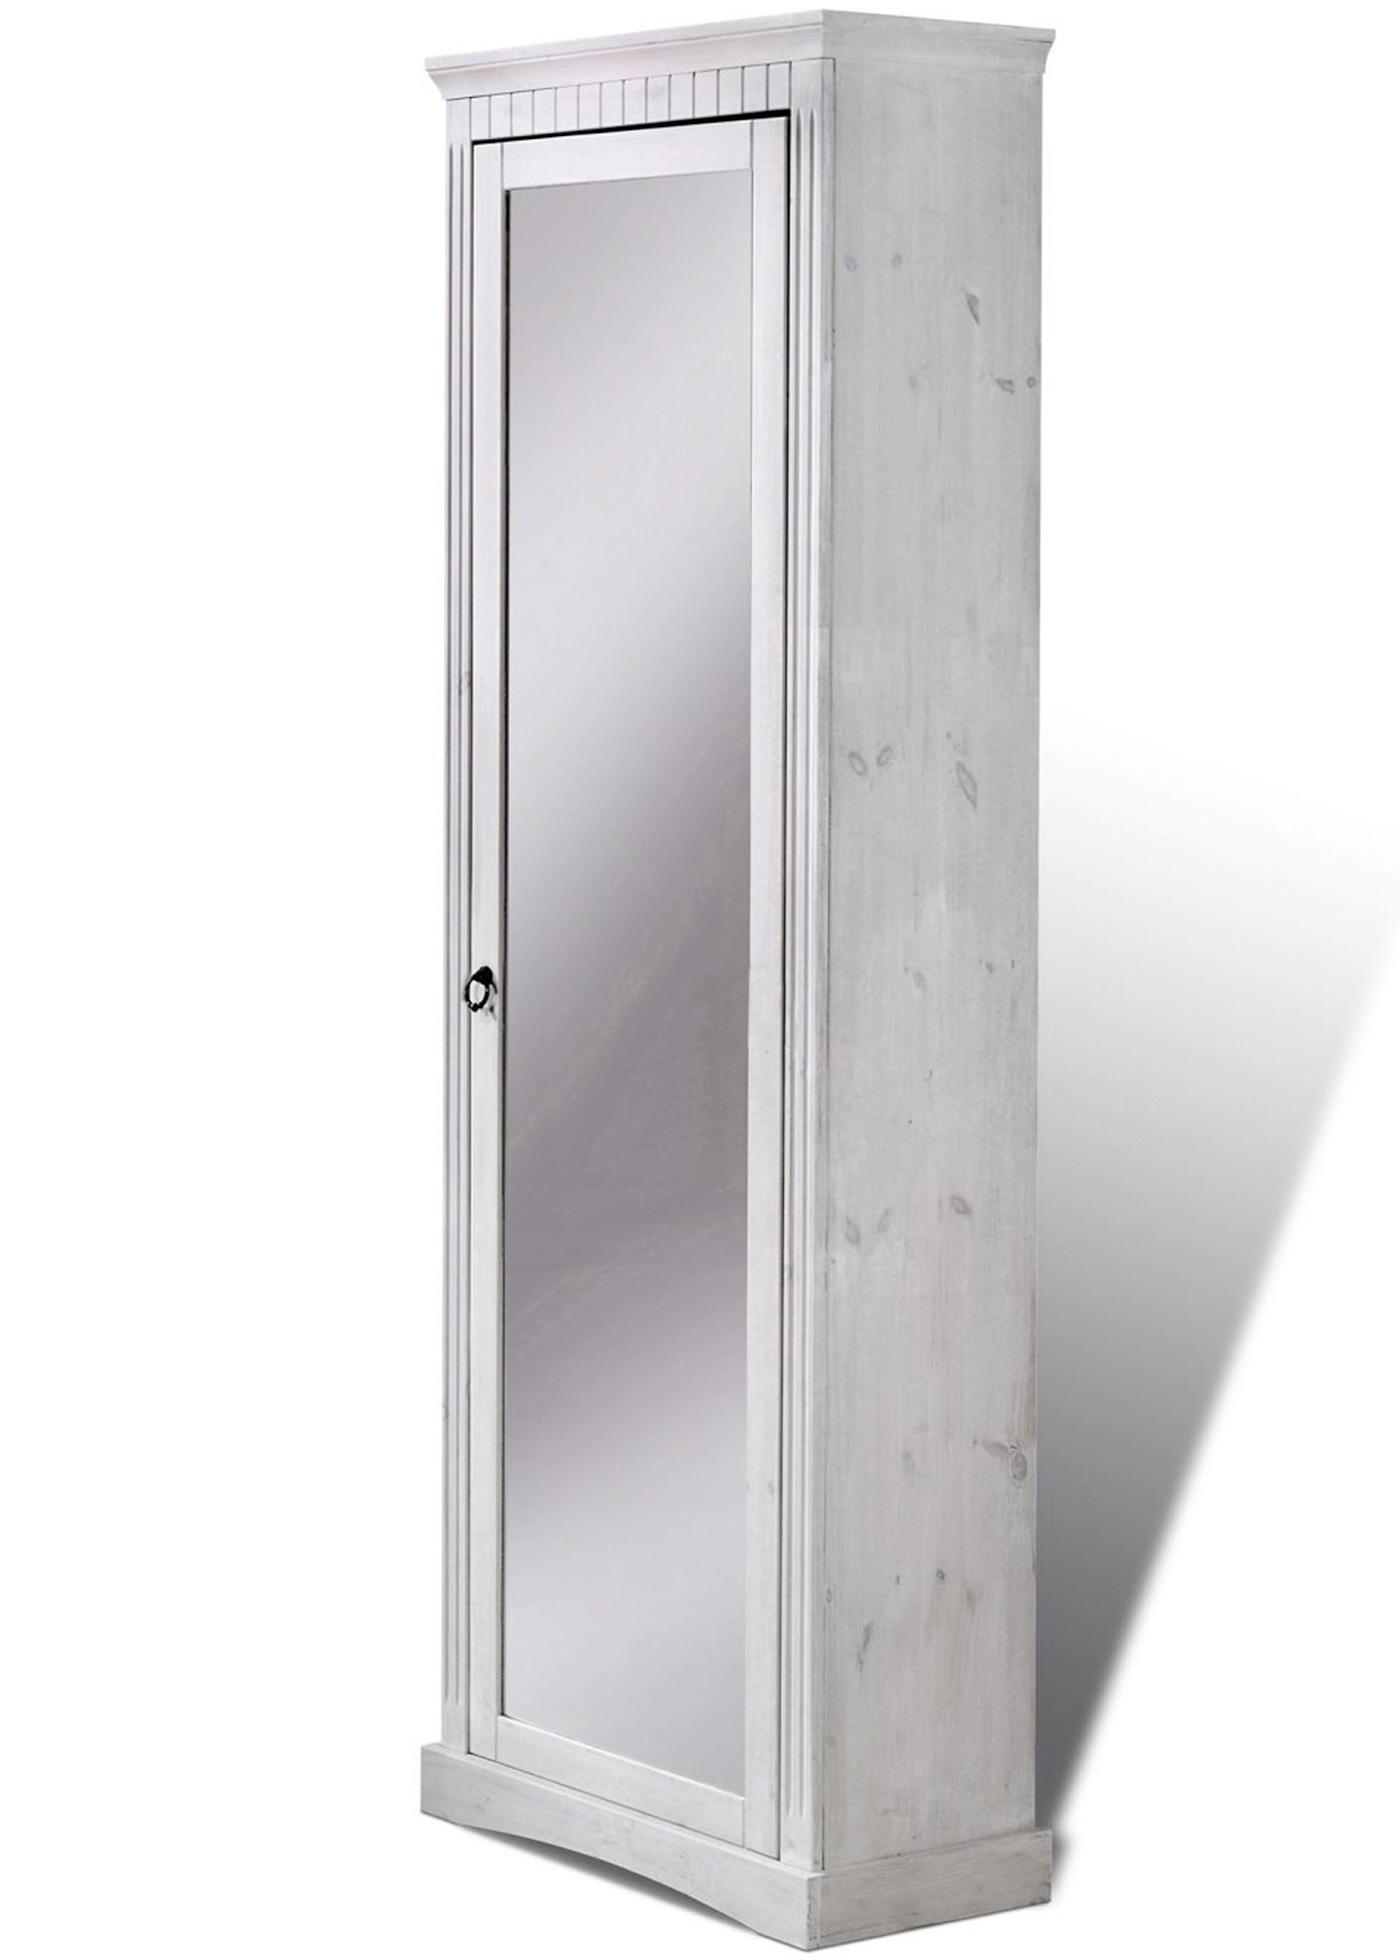 Schuhschrank Napoli mit Spiegel in weiß von bonprix Wohnen > Möbel & Dekoration > Schuhschränke